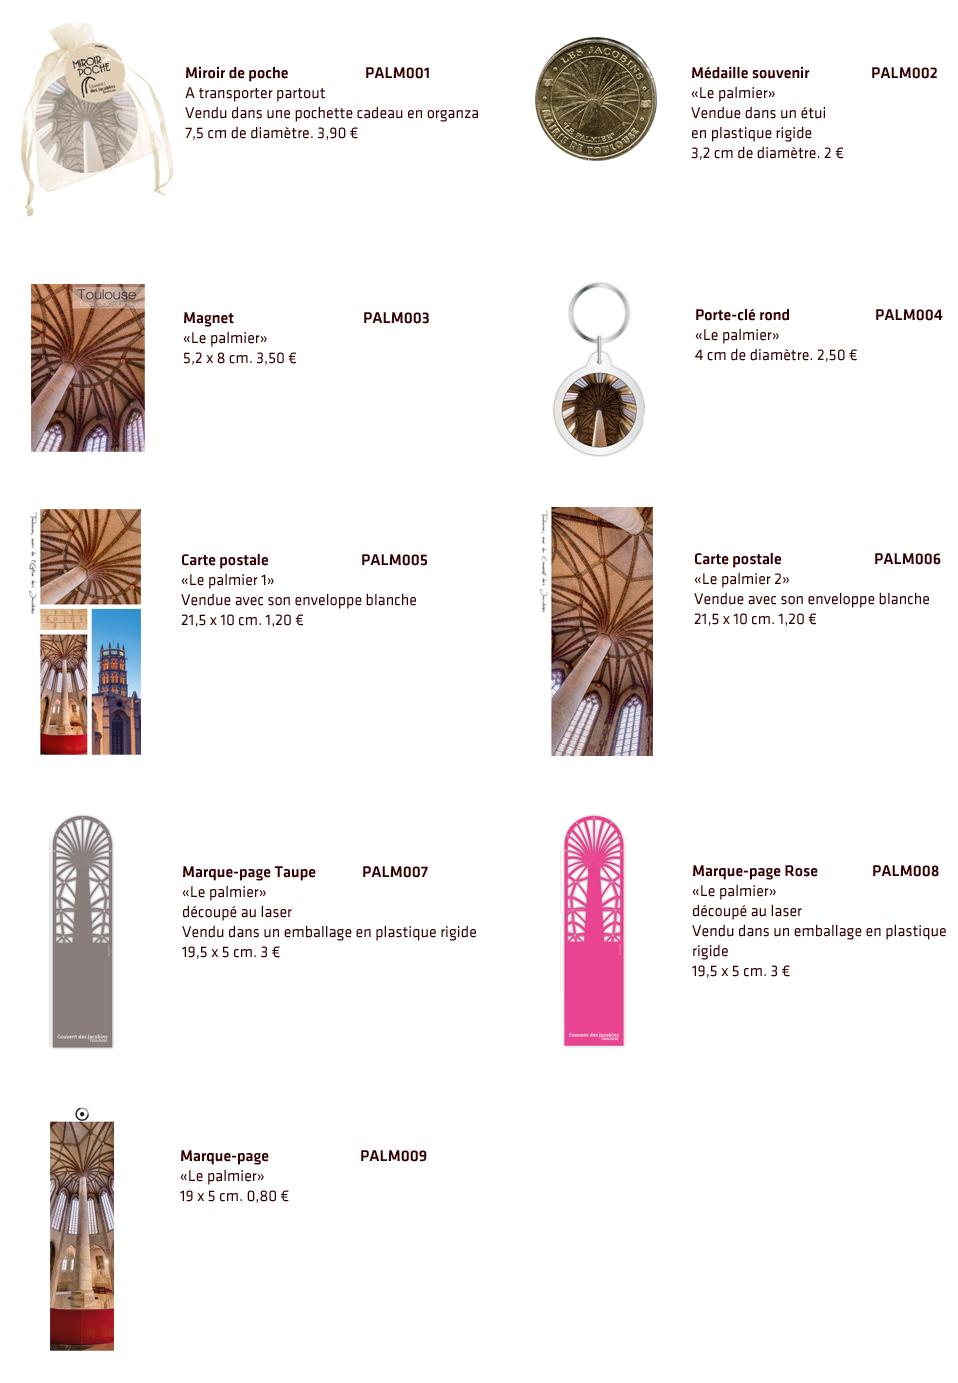 La Collection Palmier